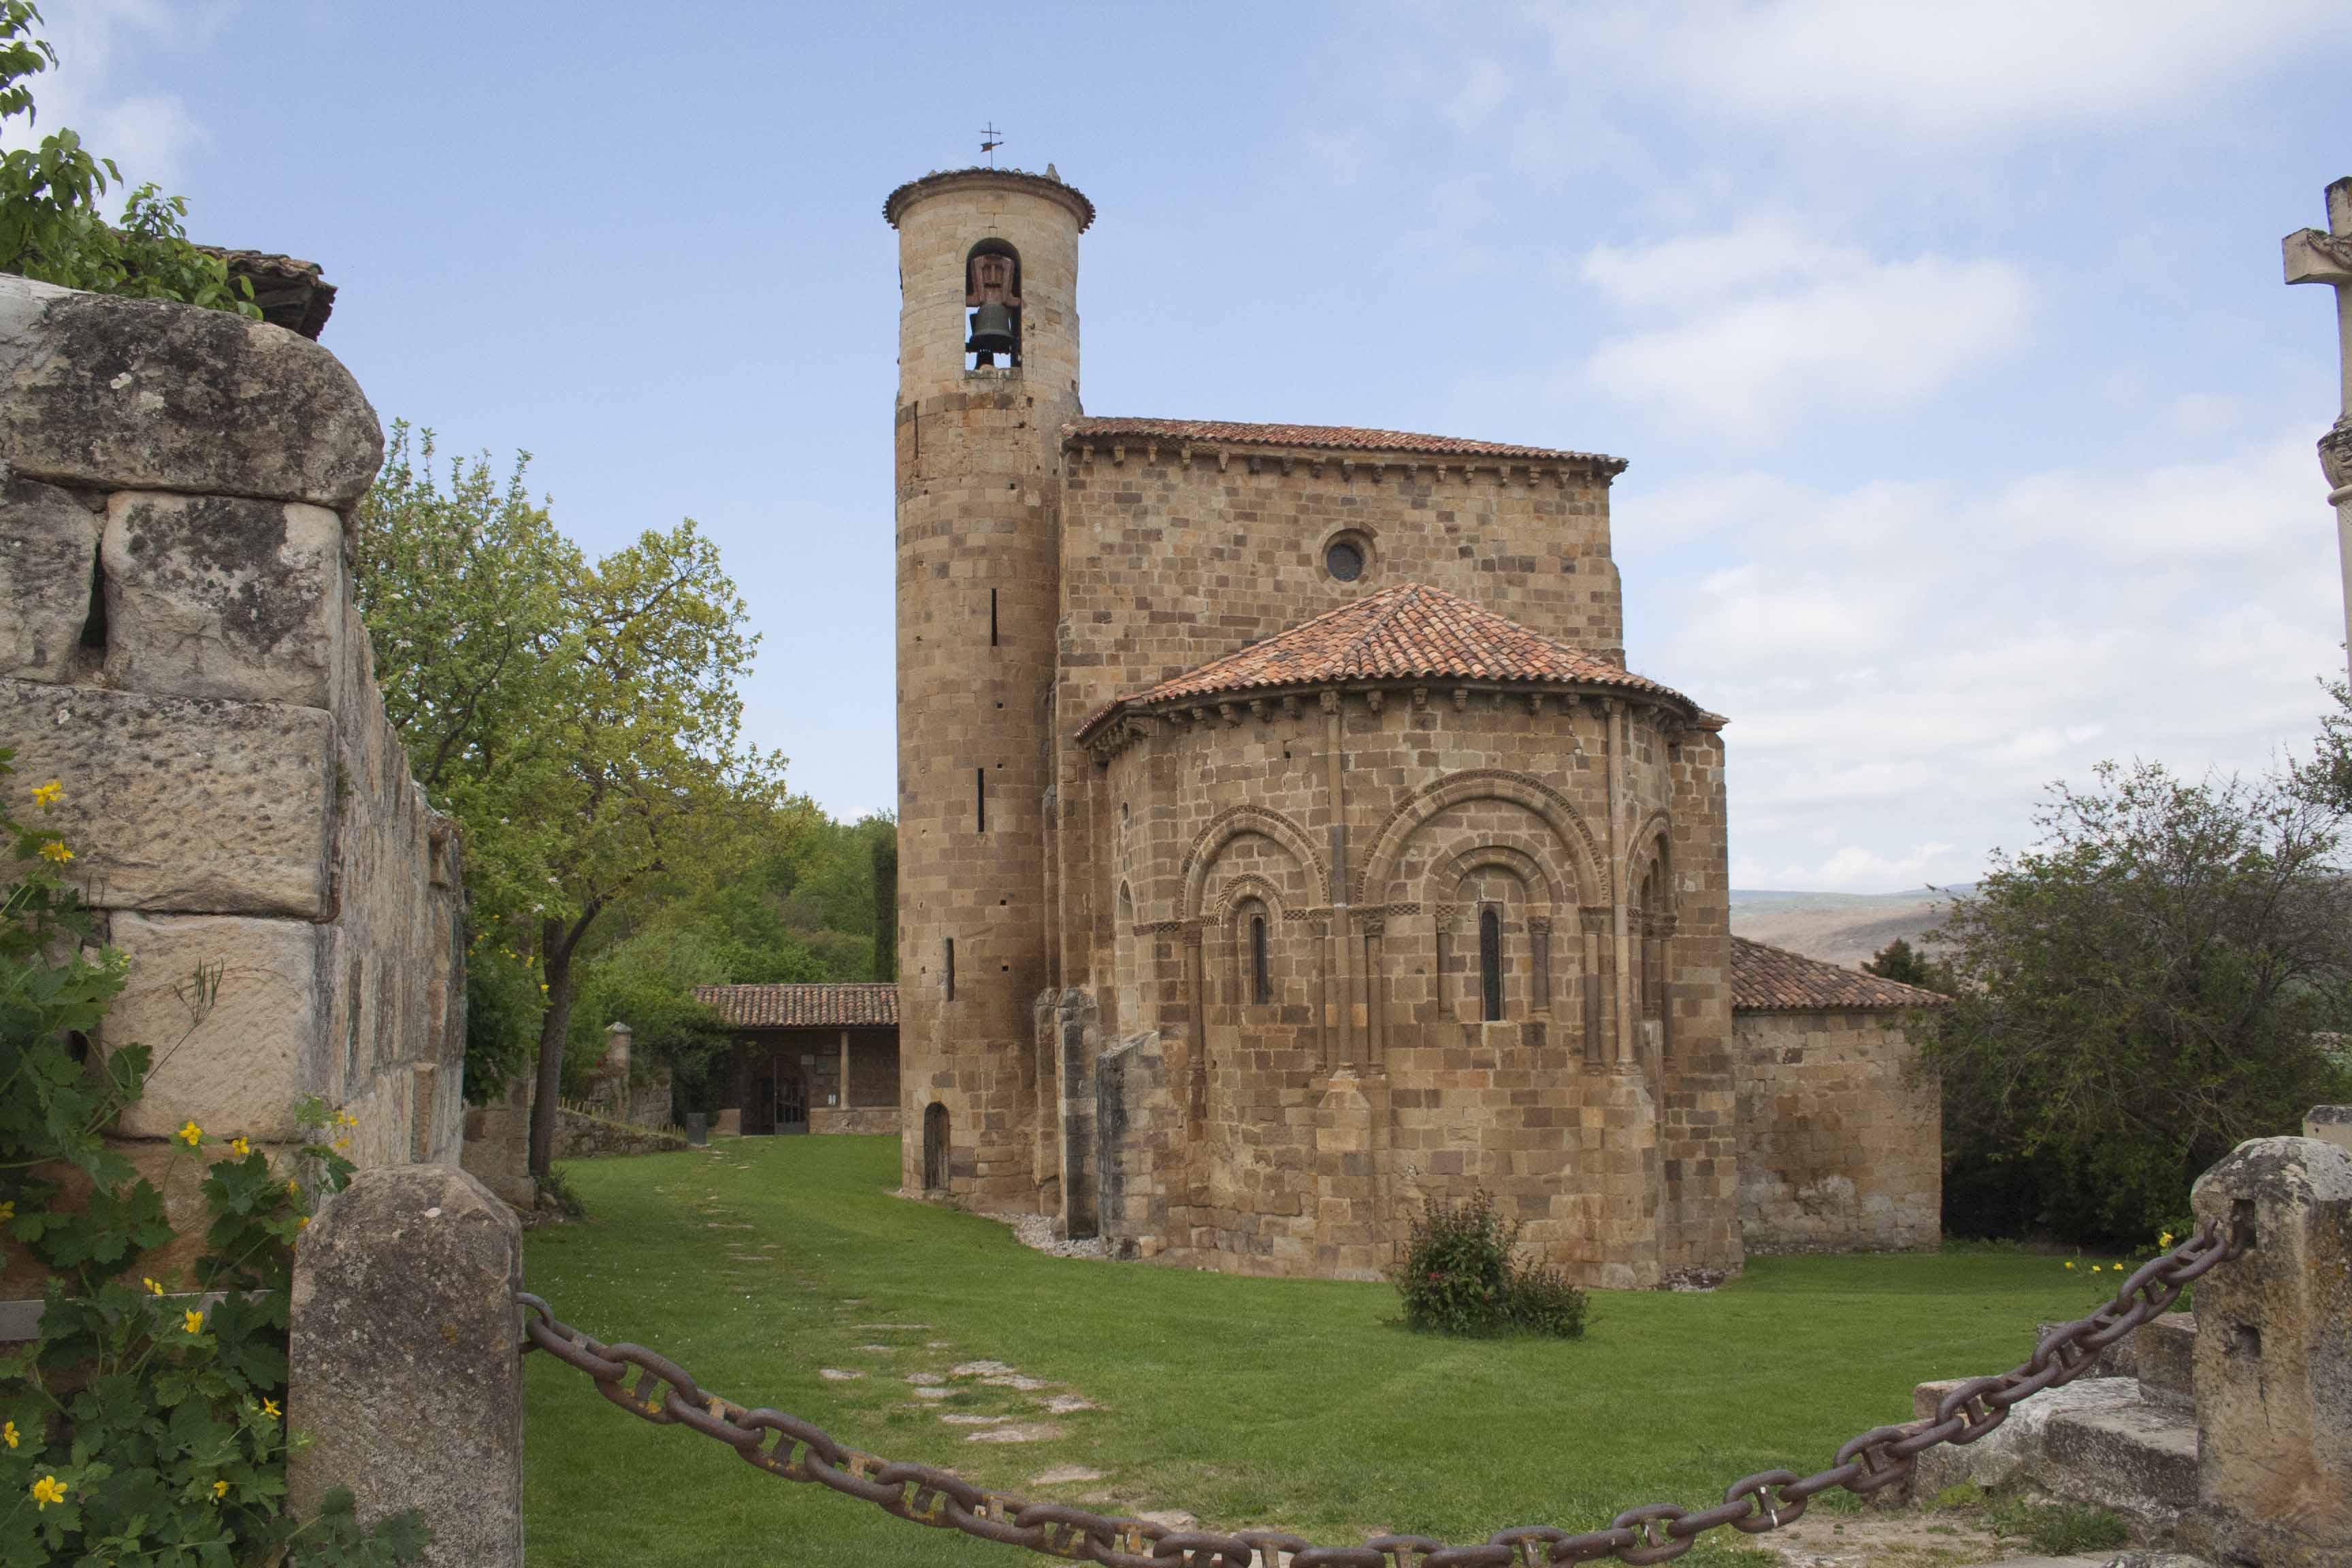 Ayuntamiento del Real Valle de Valderredible: San Martín de Elines